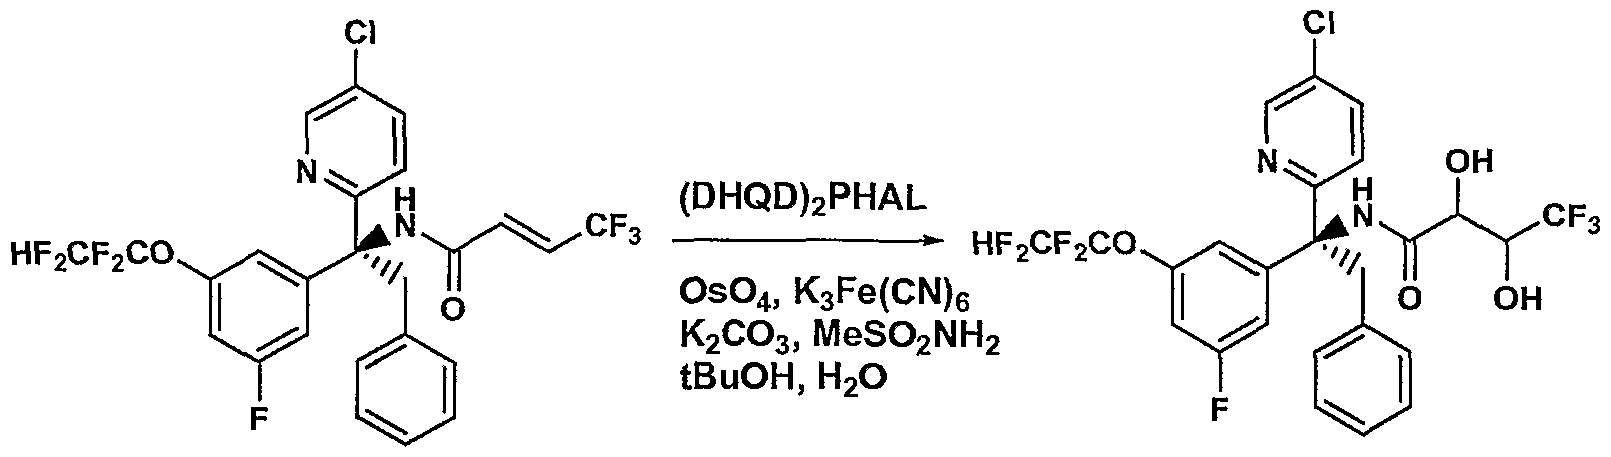 Figure imgf000513_0001